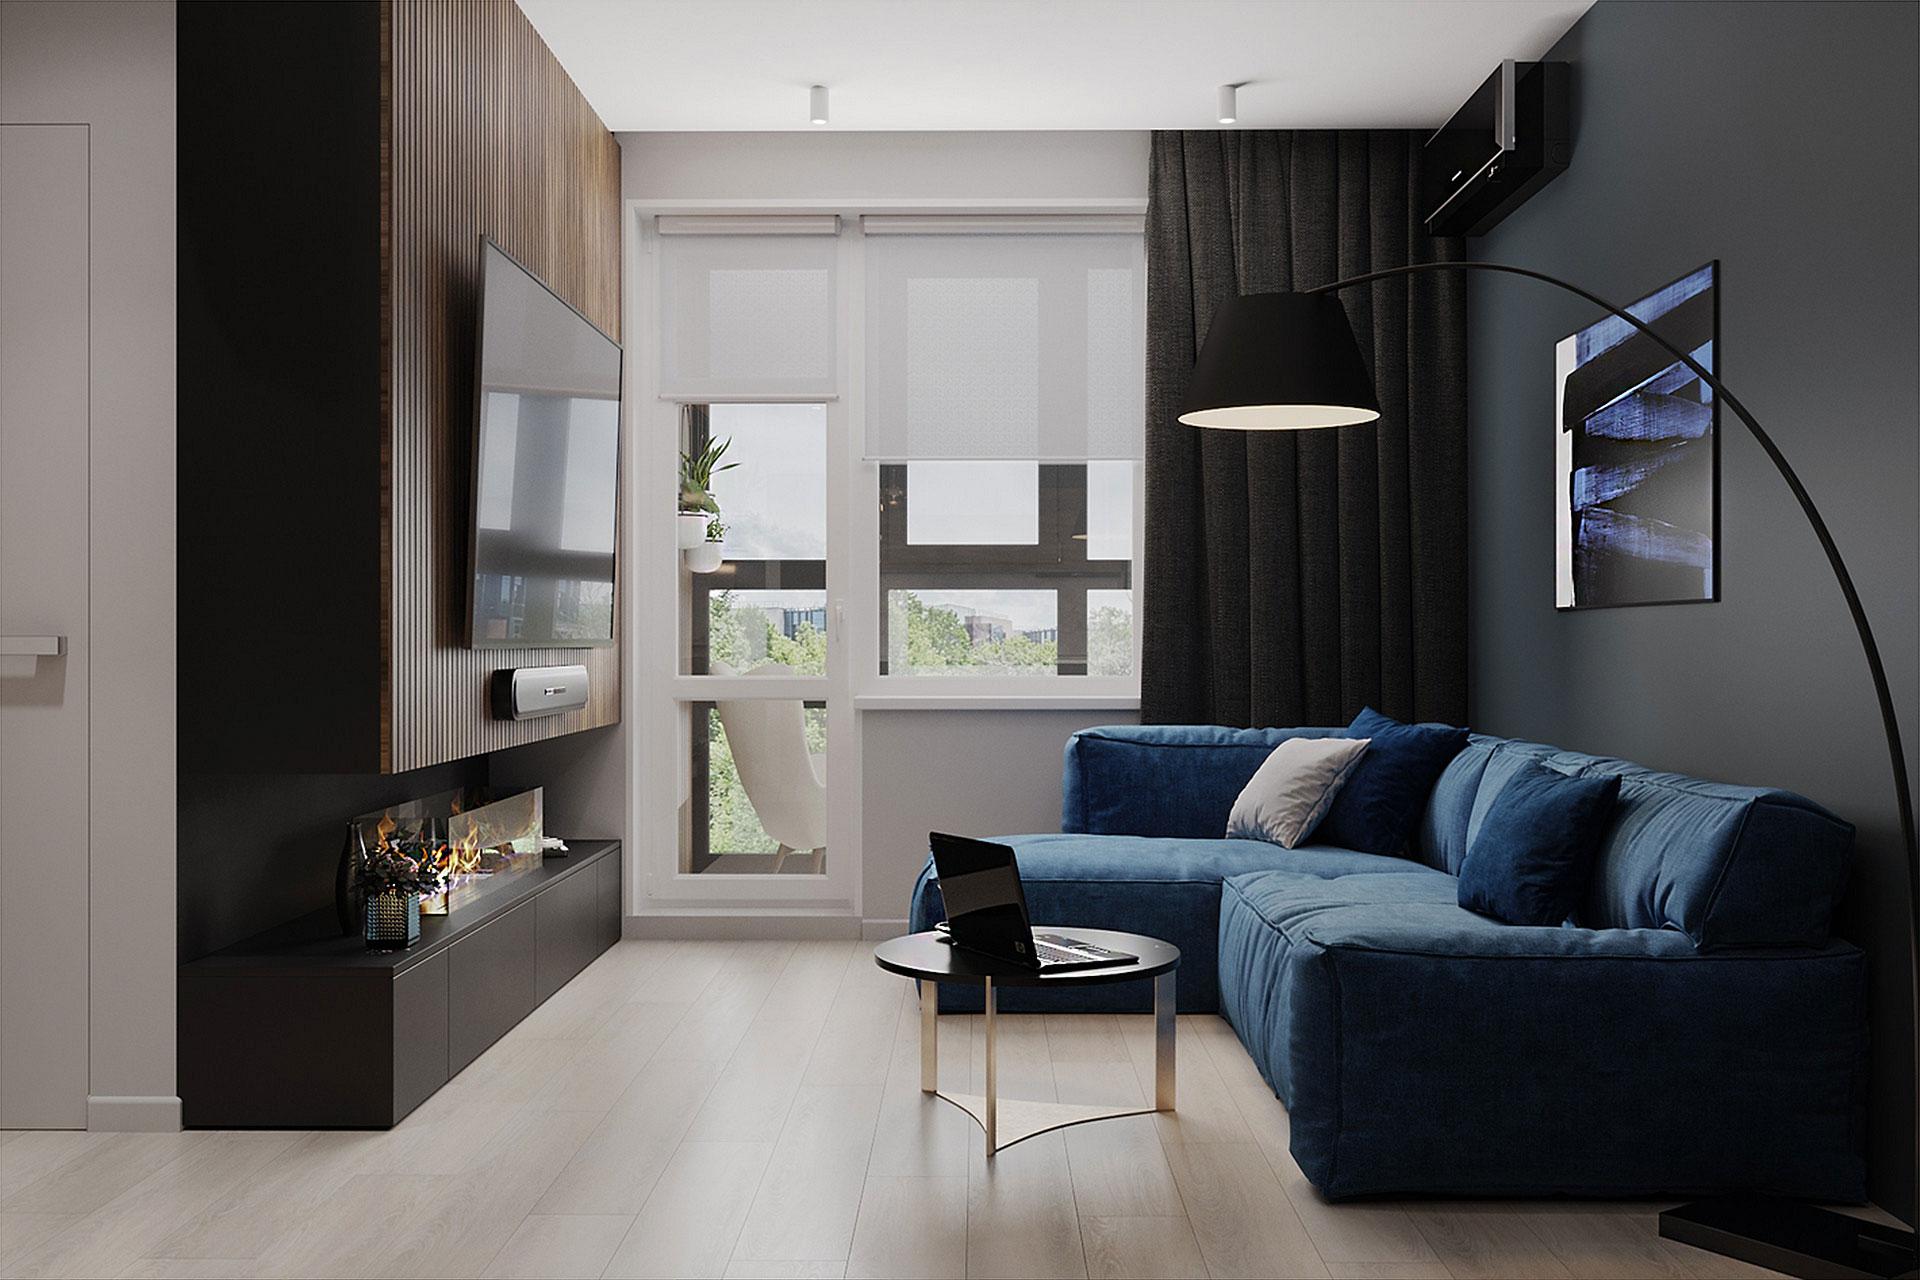 Сложности перепланировки: как превратить двухкомнатную квартиру в евротрёшку